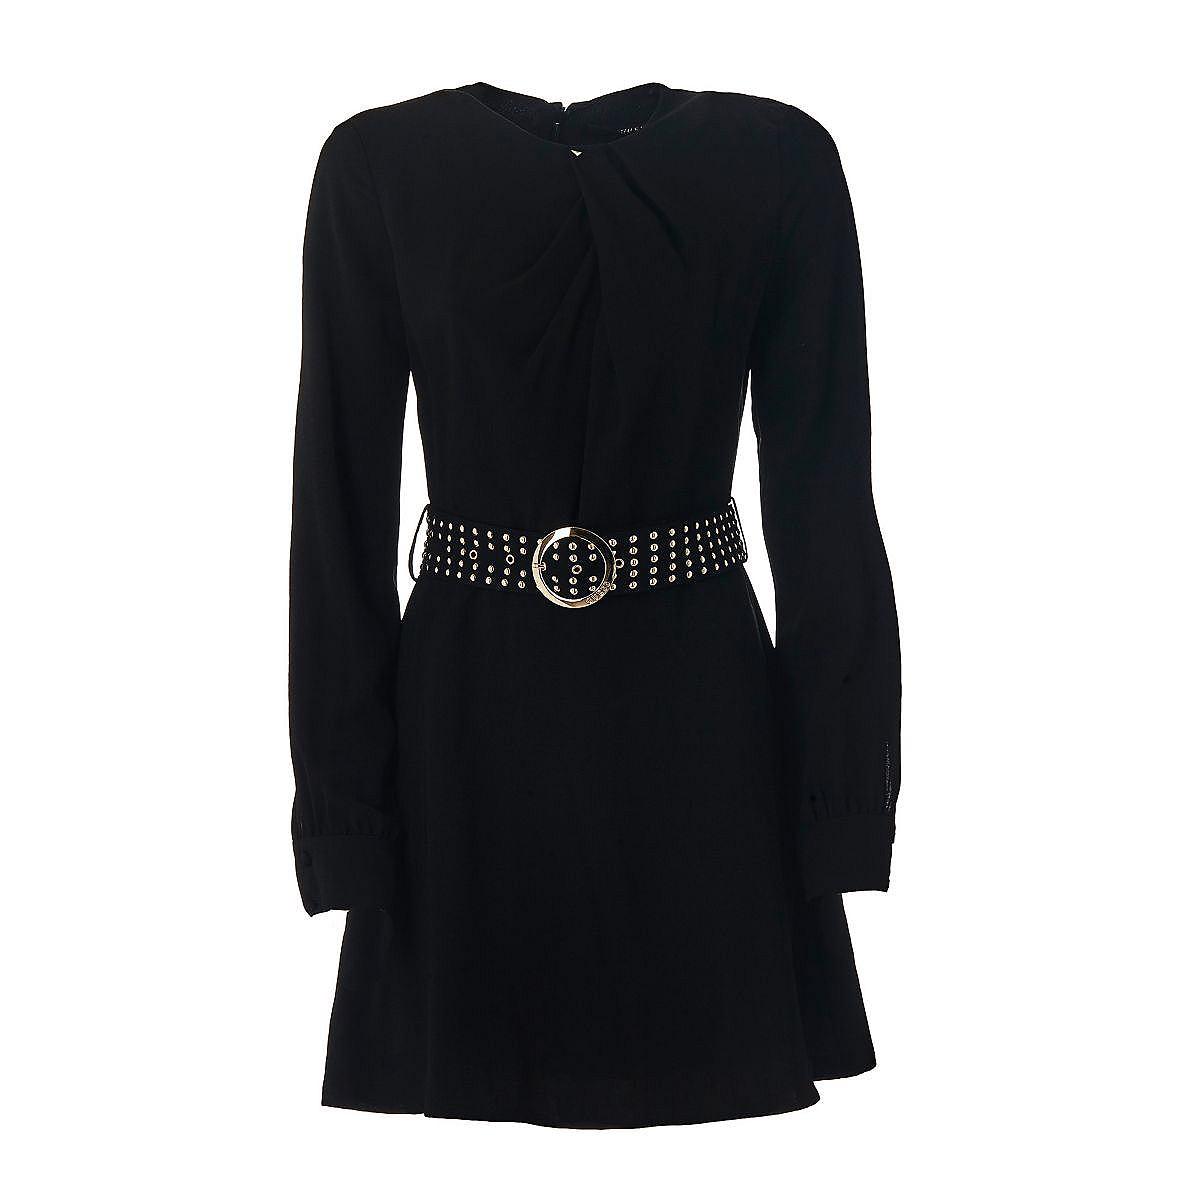 Guess jurk met lange mouwen zwart